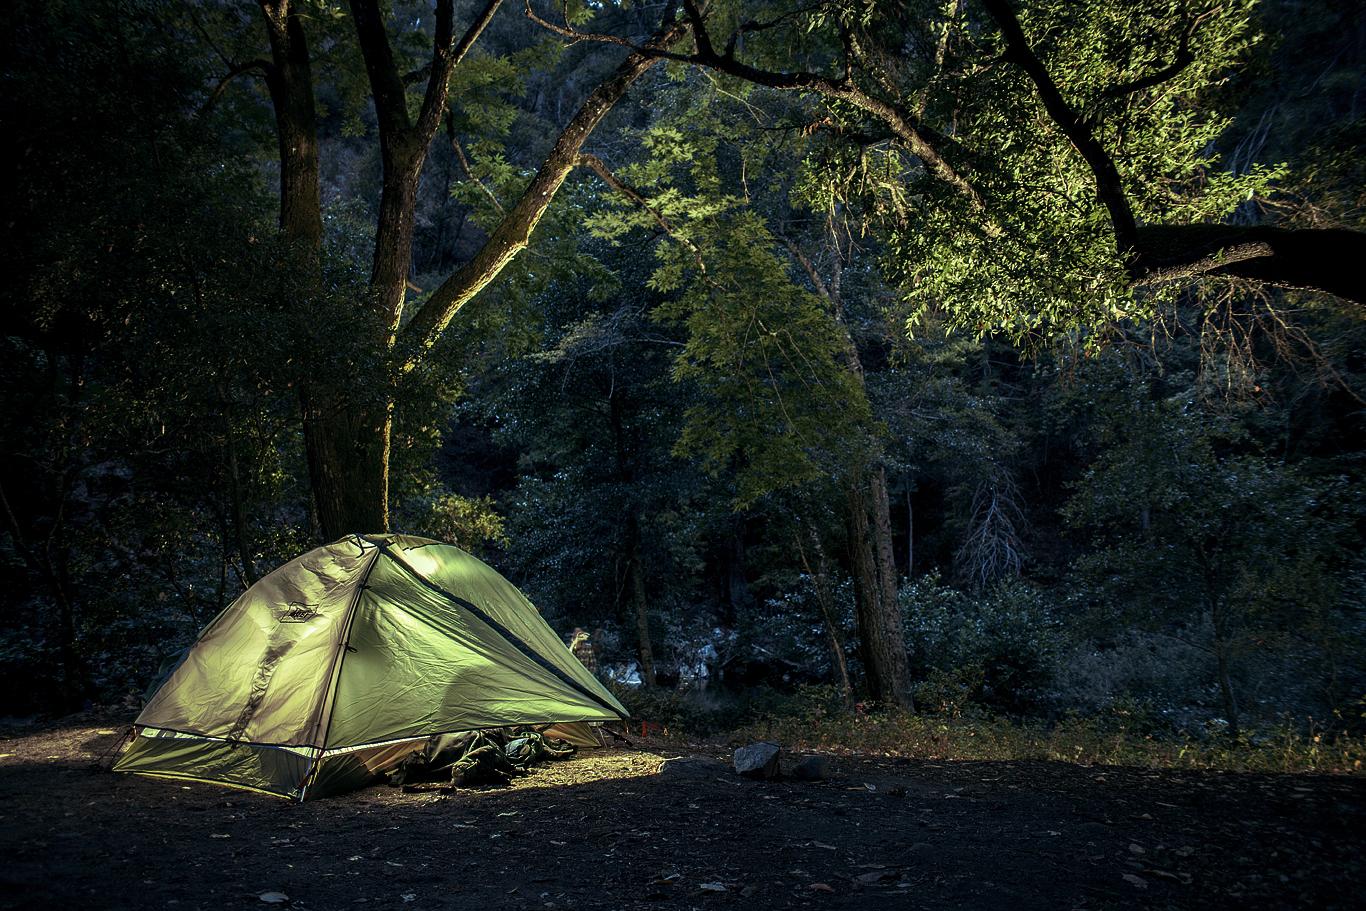 Cozy camp at Ventana. Backpacking at big sur, ca